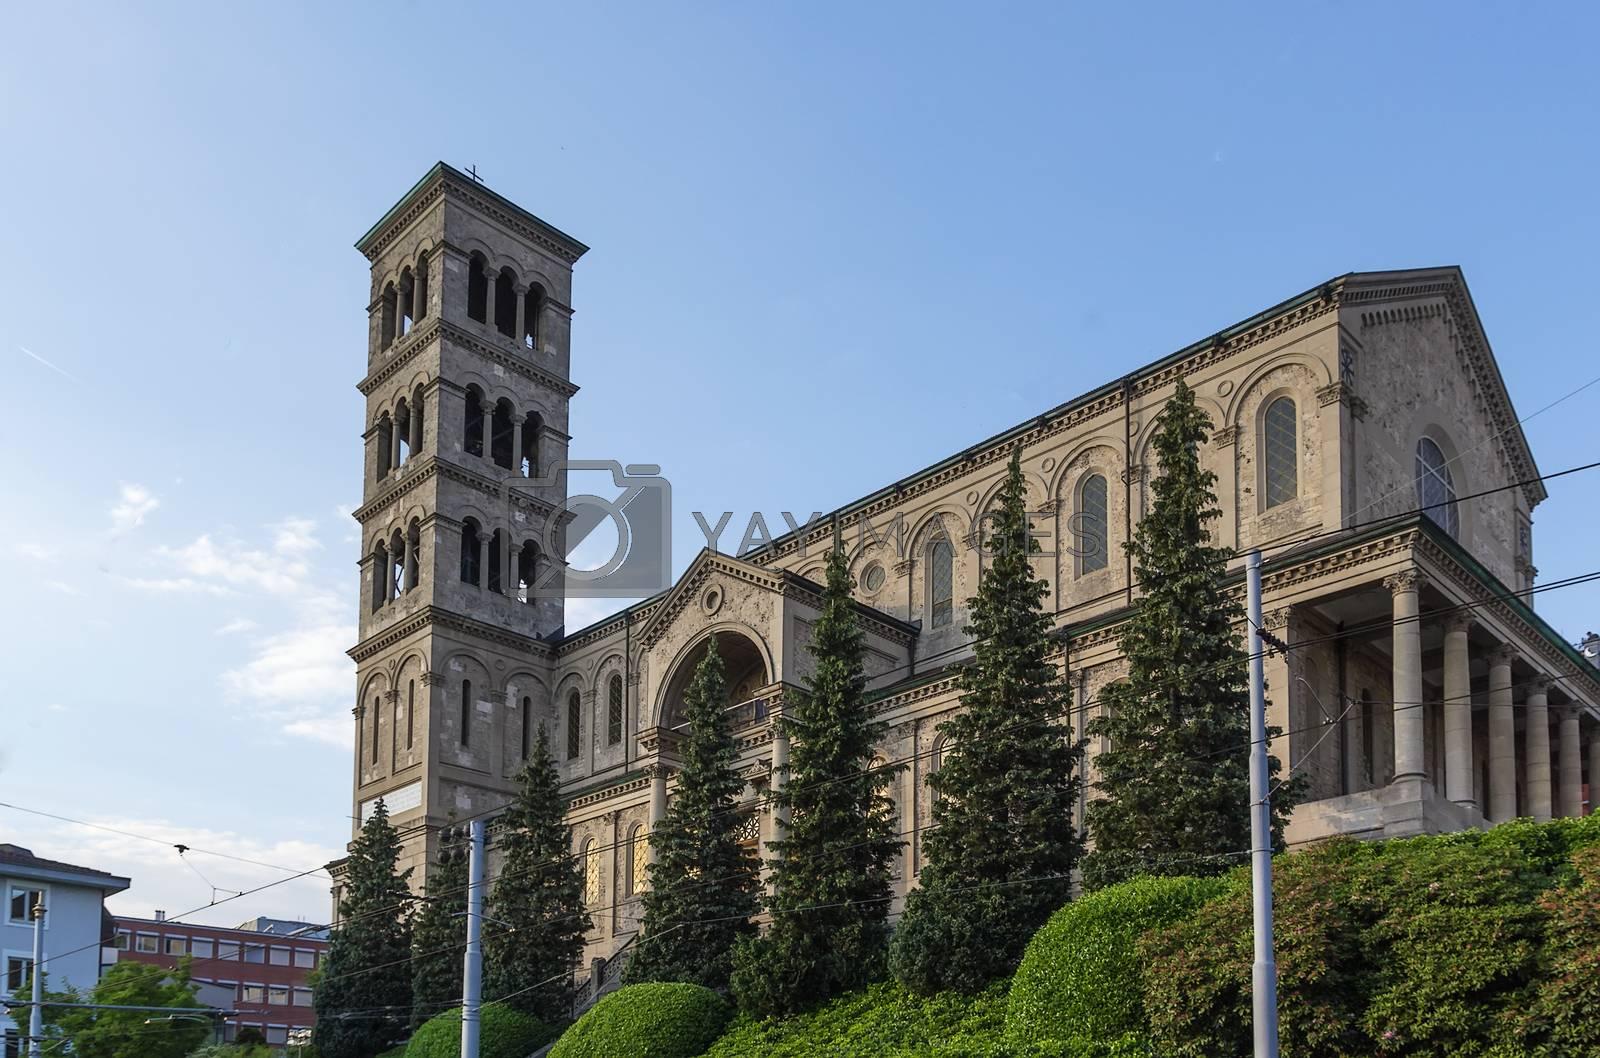 Liebfrauen church, Zurich by borisb17